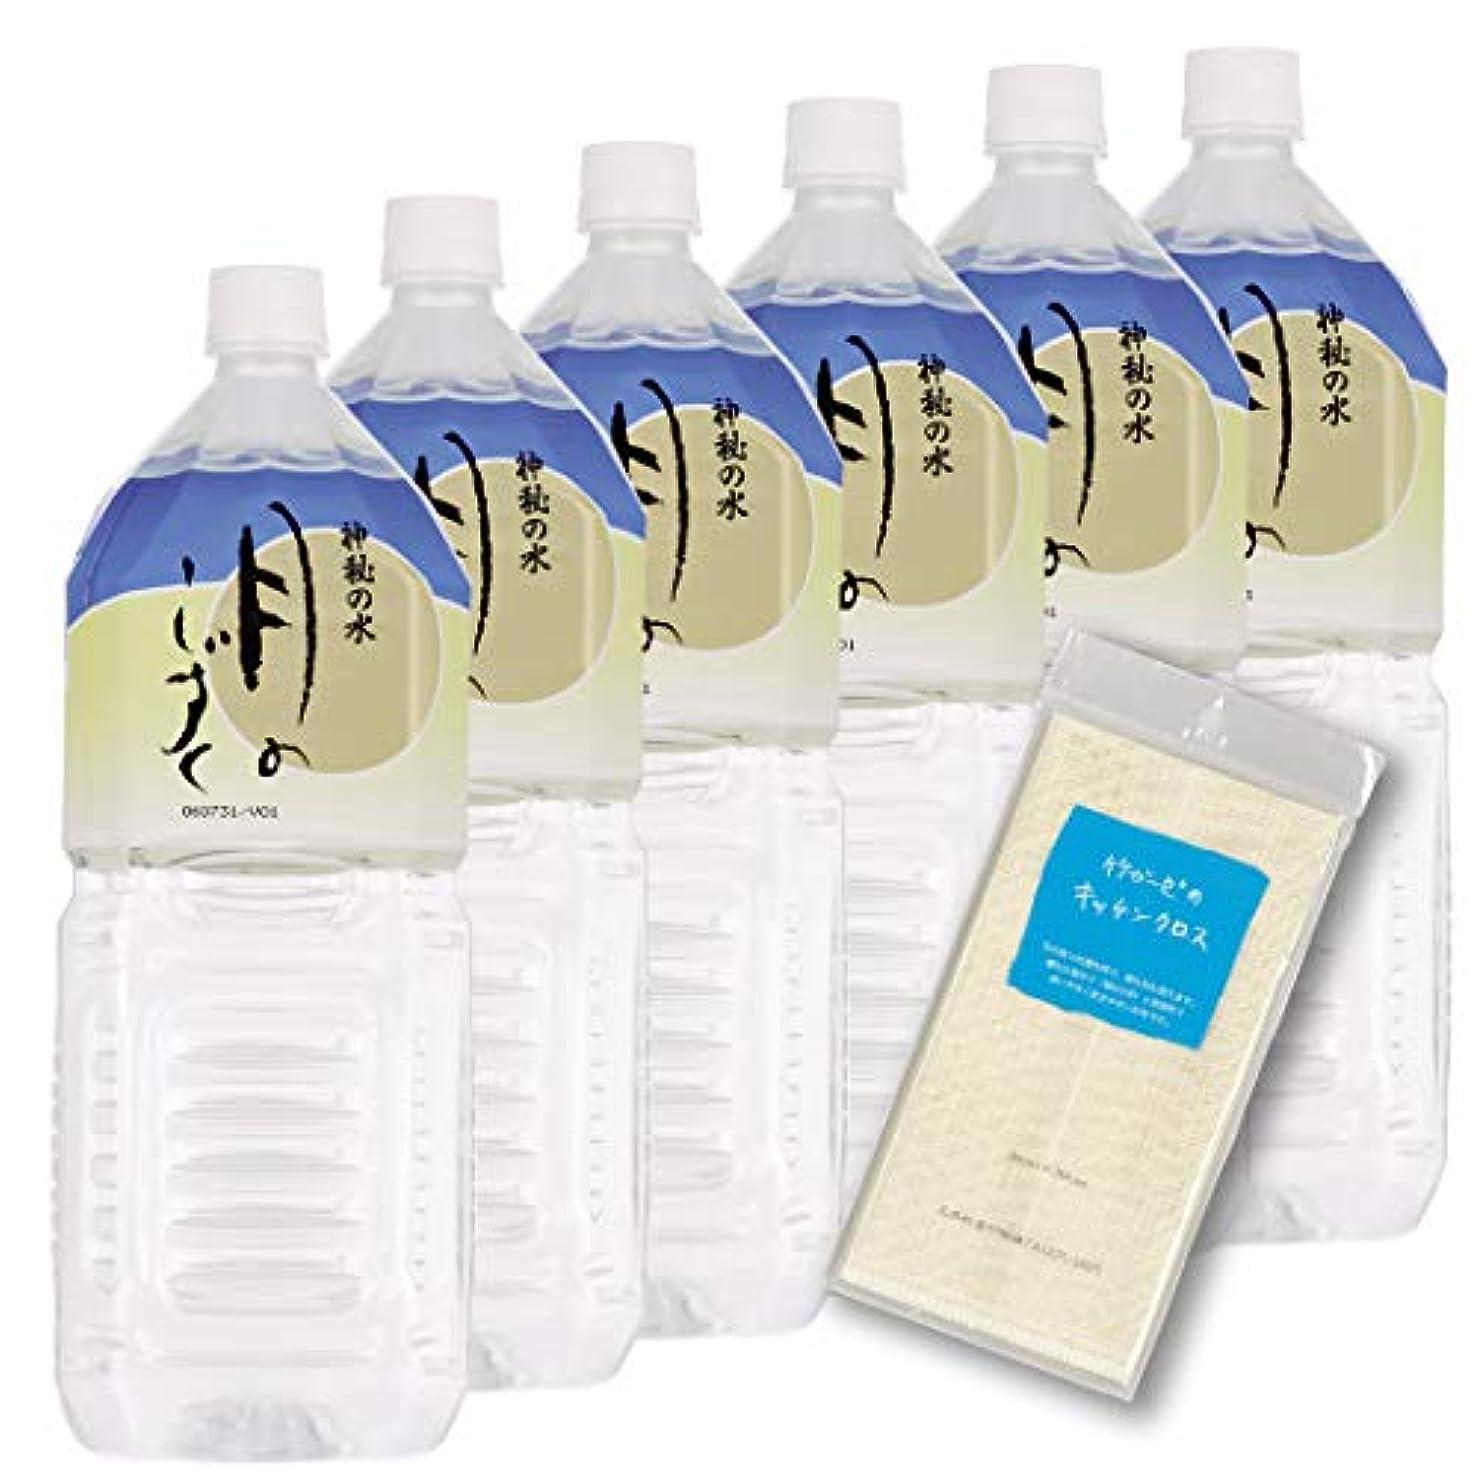 実り多い実り多いファンド月のしずく2L×6本 ゆの里 温泉水と竹布キッチンクロスのセット